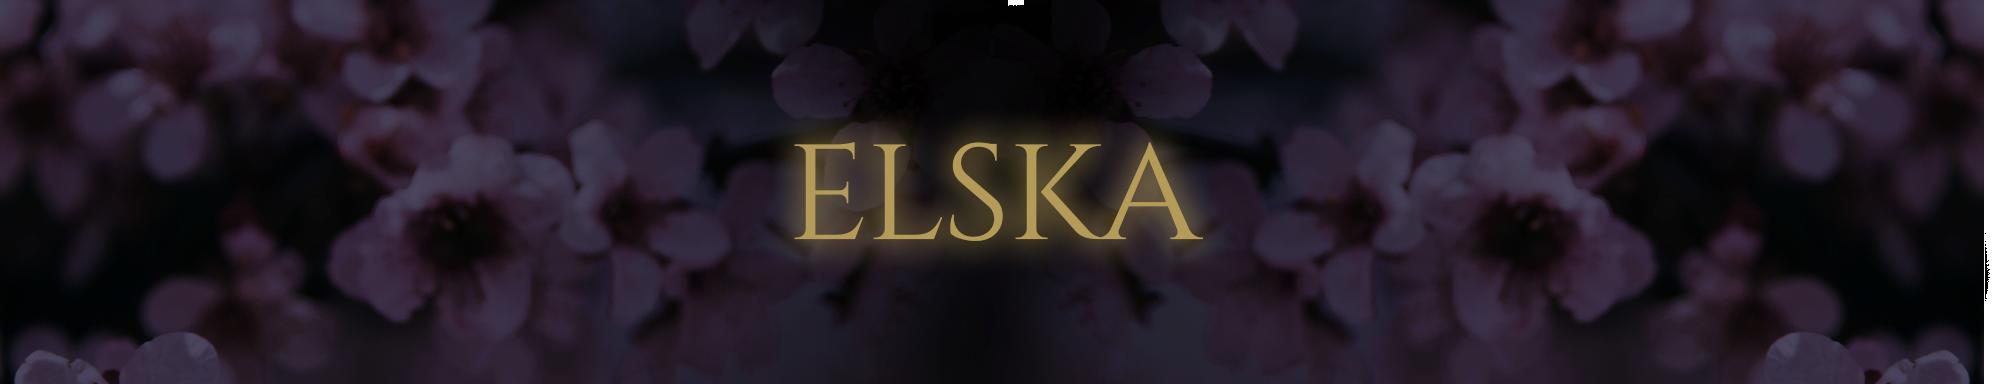 FRIDA. Elska Banner.